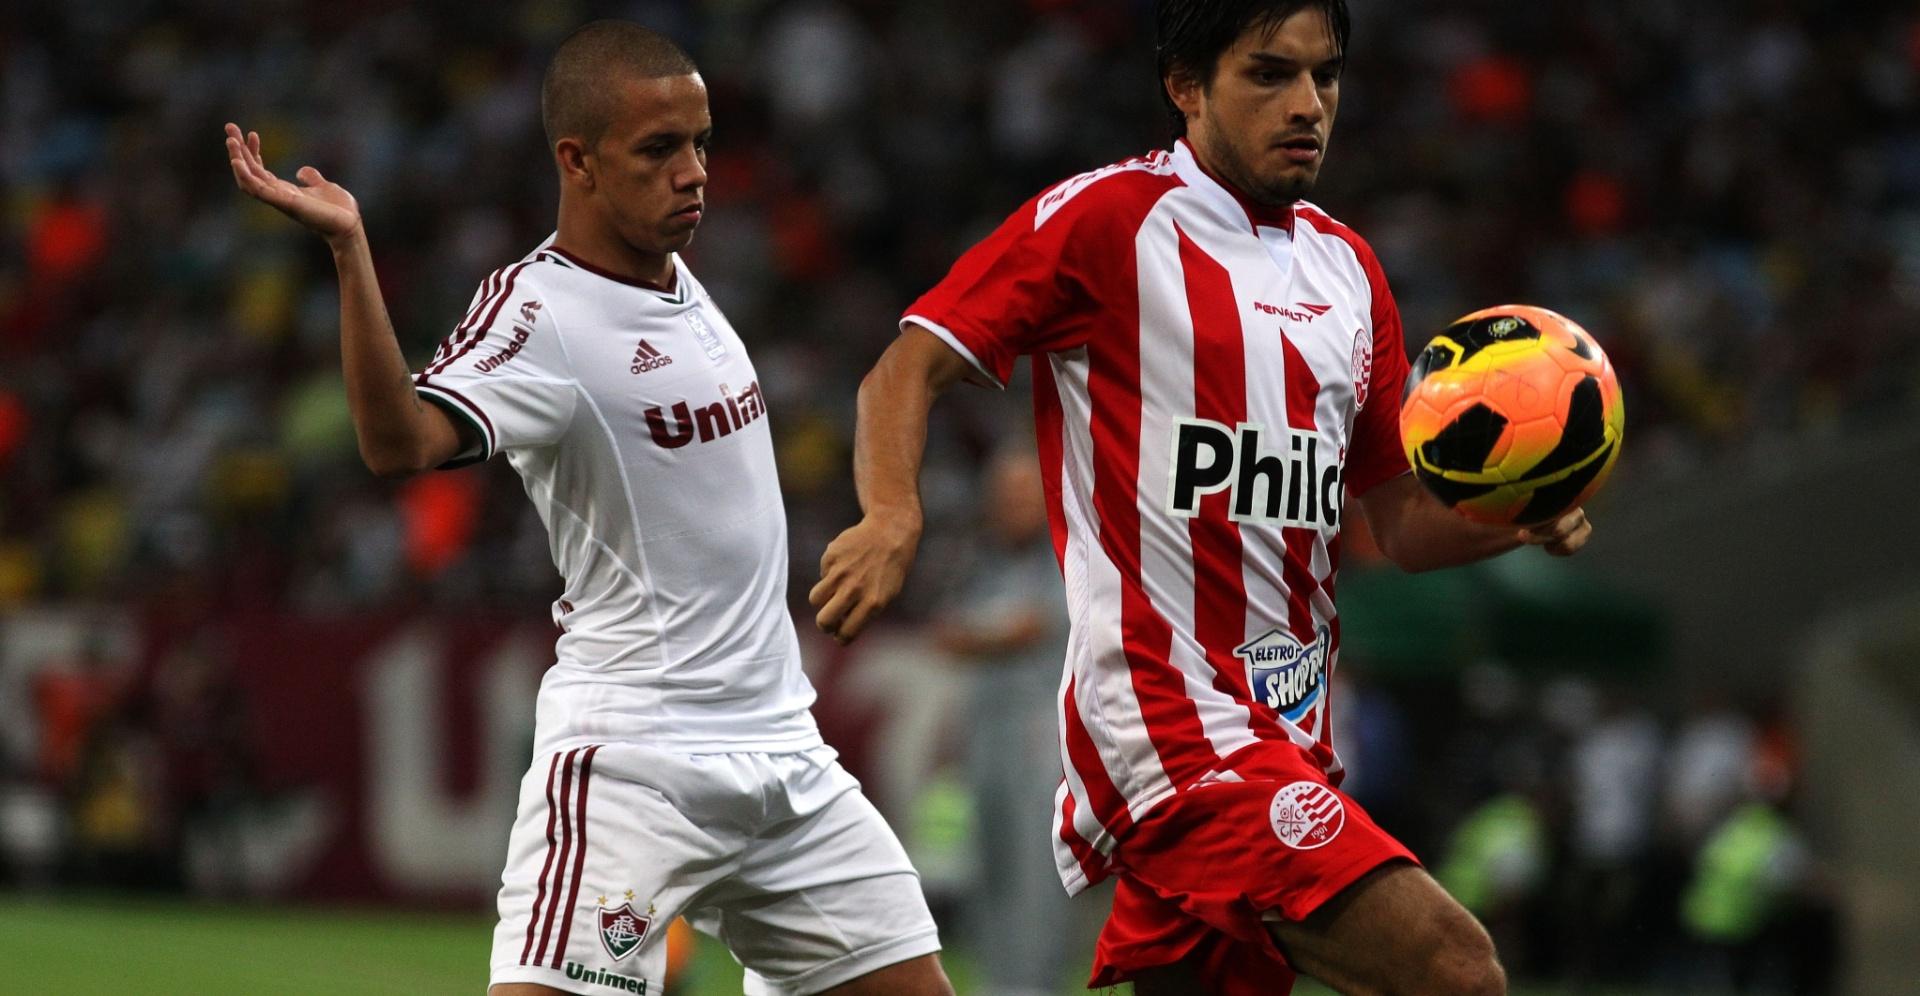 Marcos Jr. (esq.) disputa a bola com Tiago Real no jogo entre Fluminense e Náutico (14.nov.2013)